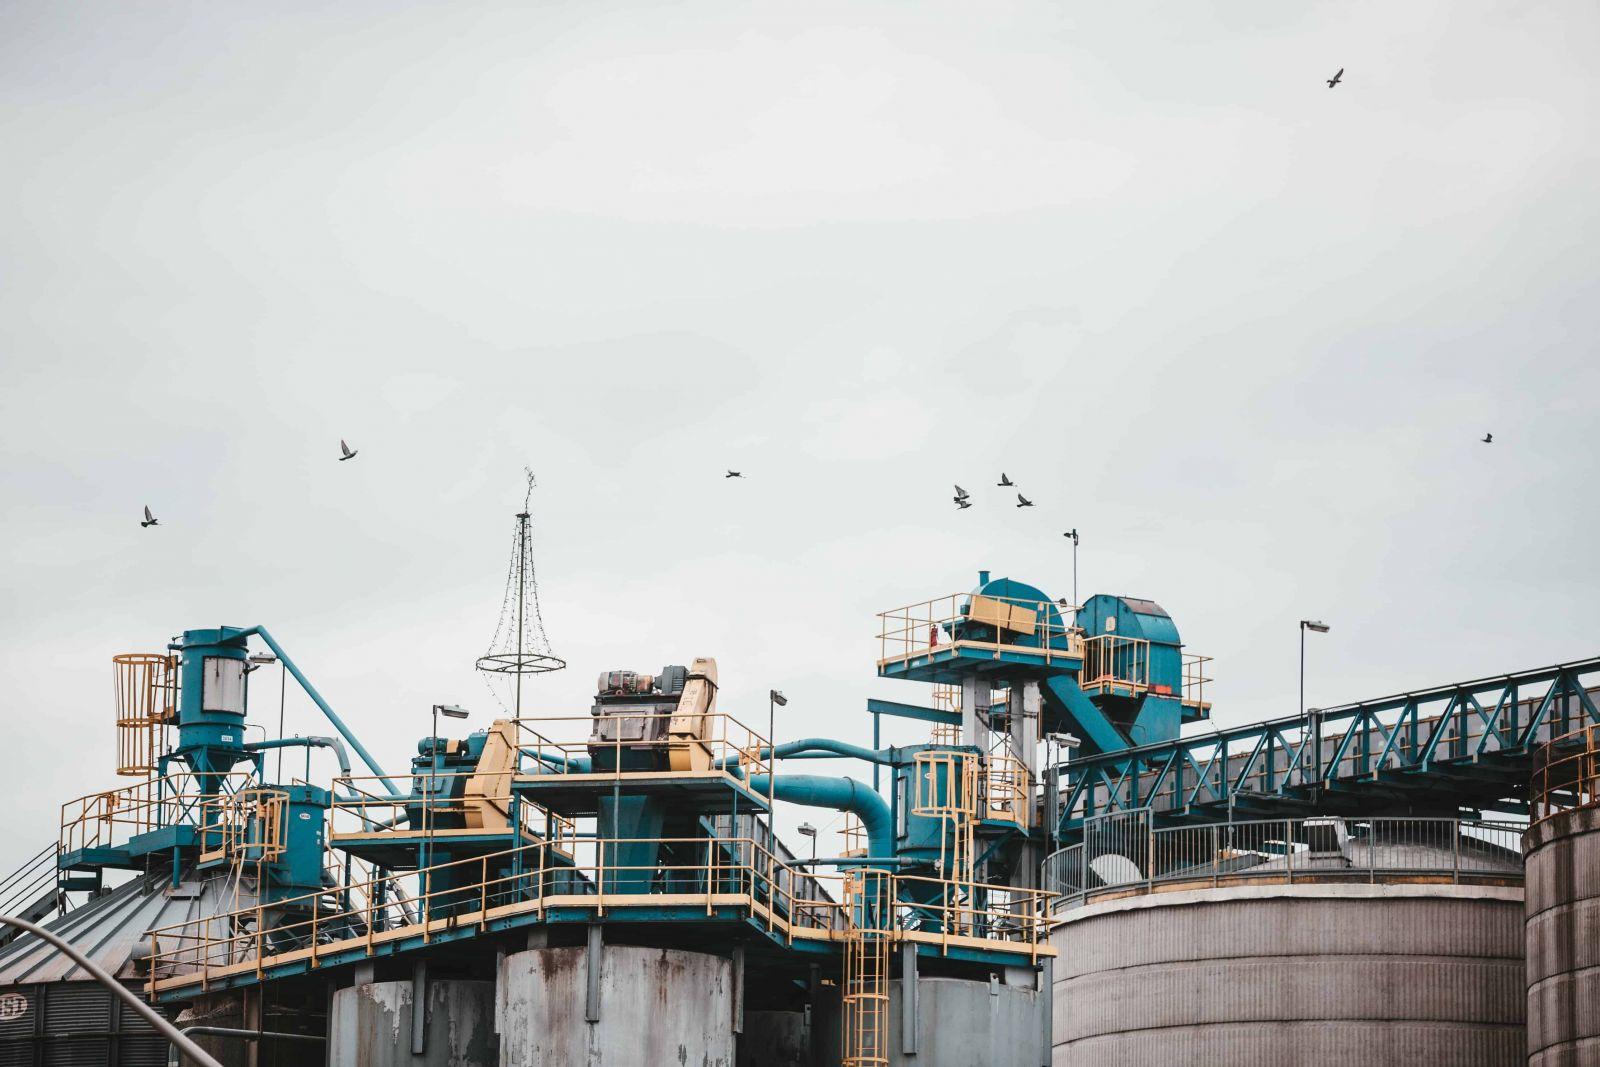 ngành bao bì nhựa ước tính trị giá 242 tỷ usd thời điểm năm 2019